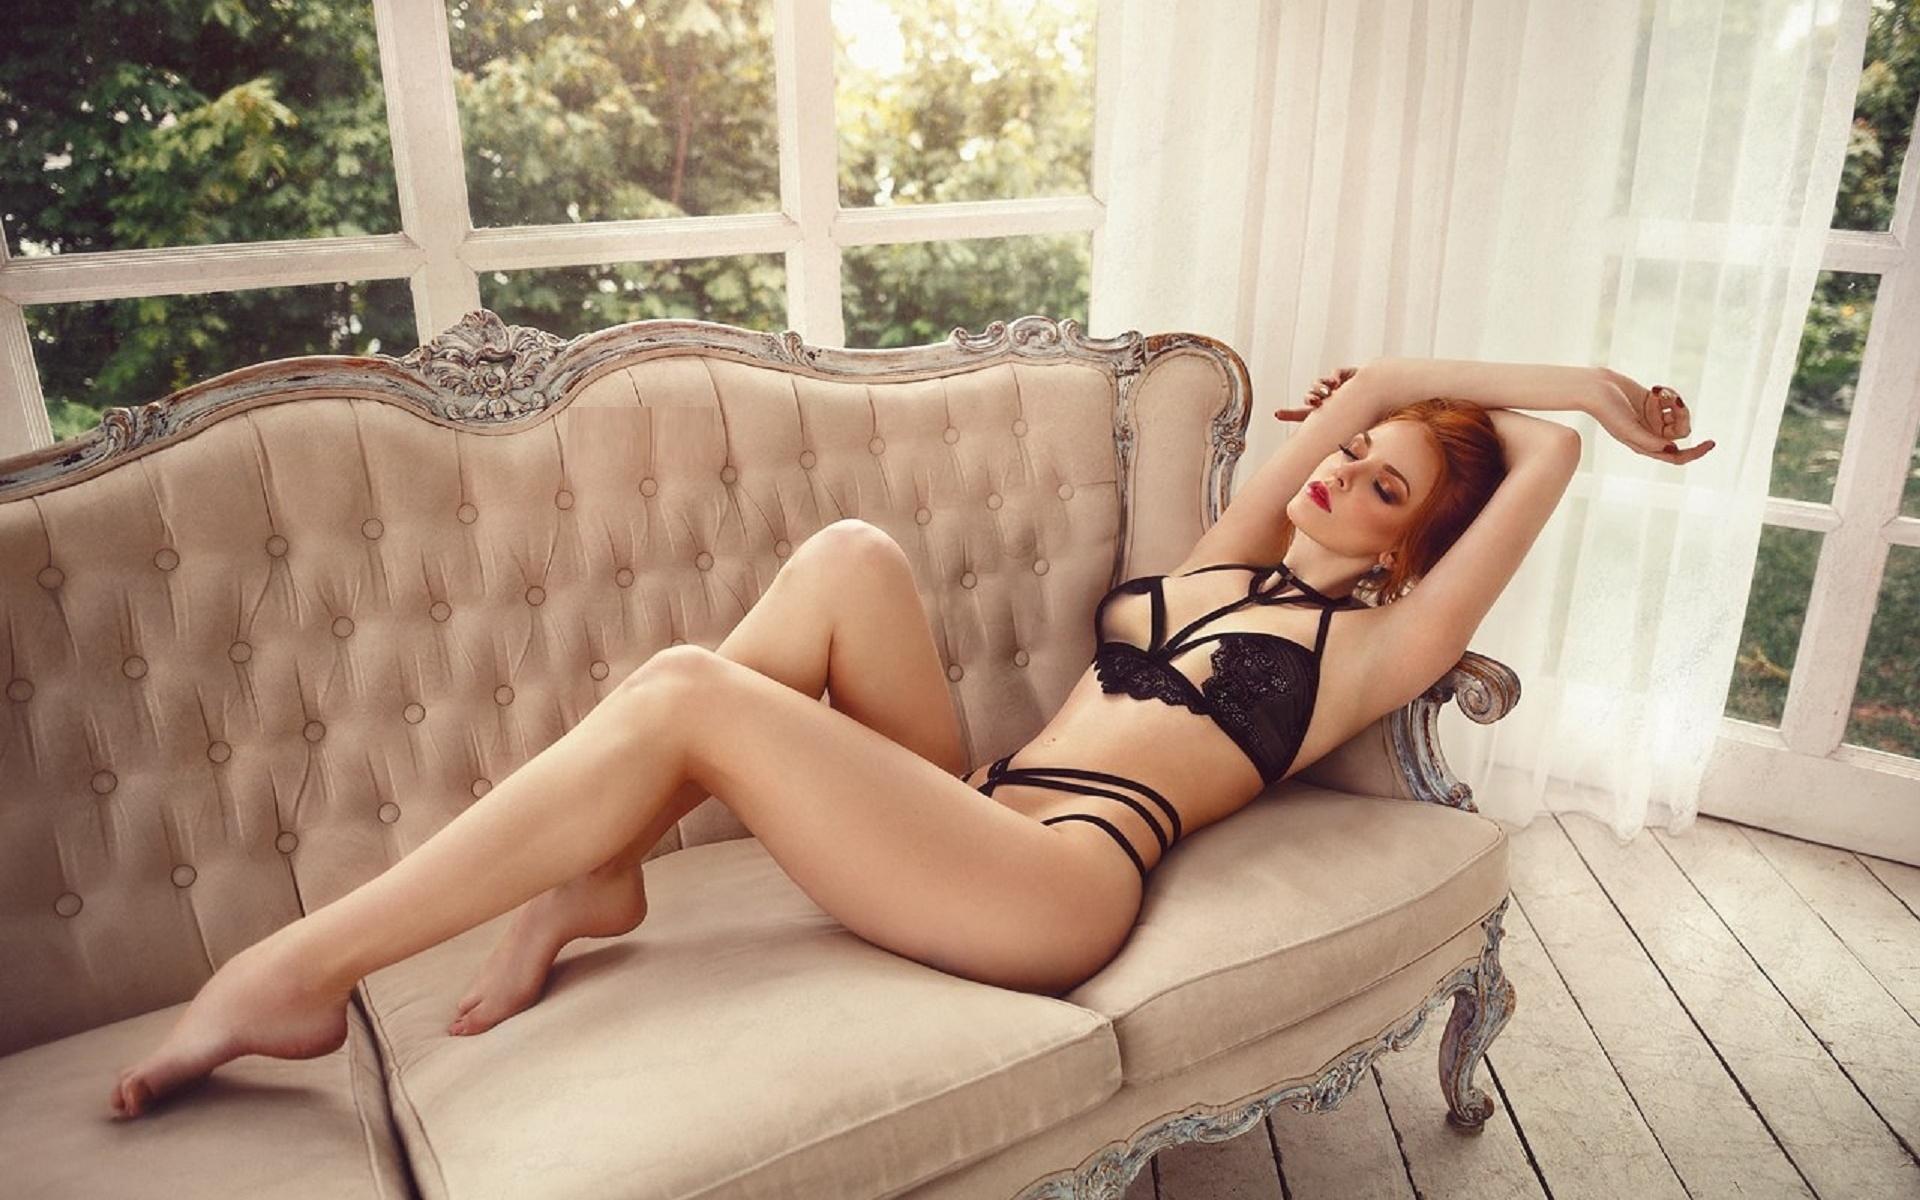 Фото категория сексуальные ножки, Голые ножки - красивые девушки с голыми ногами на фото 18 фотография